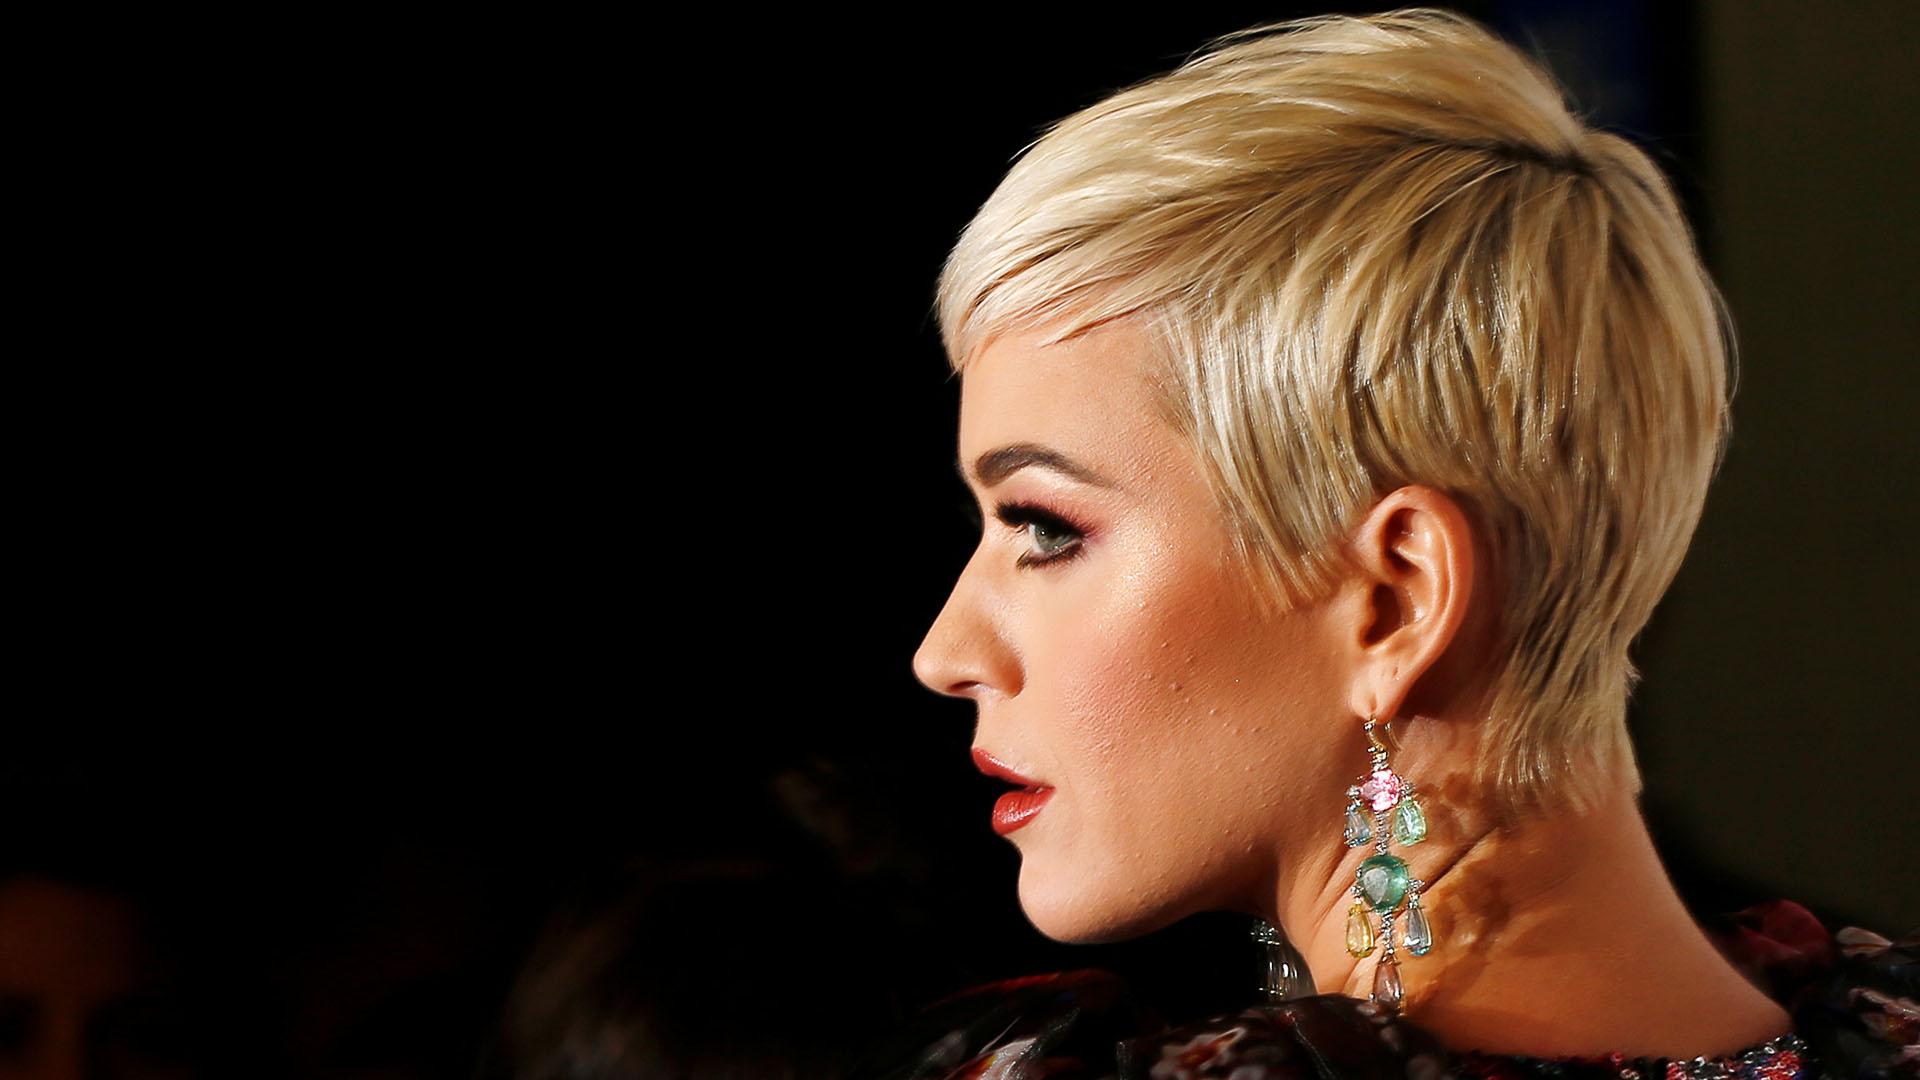 La cantante lució su cabello corto y platinado